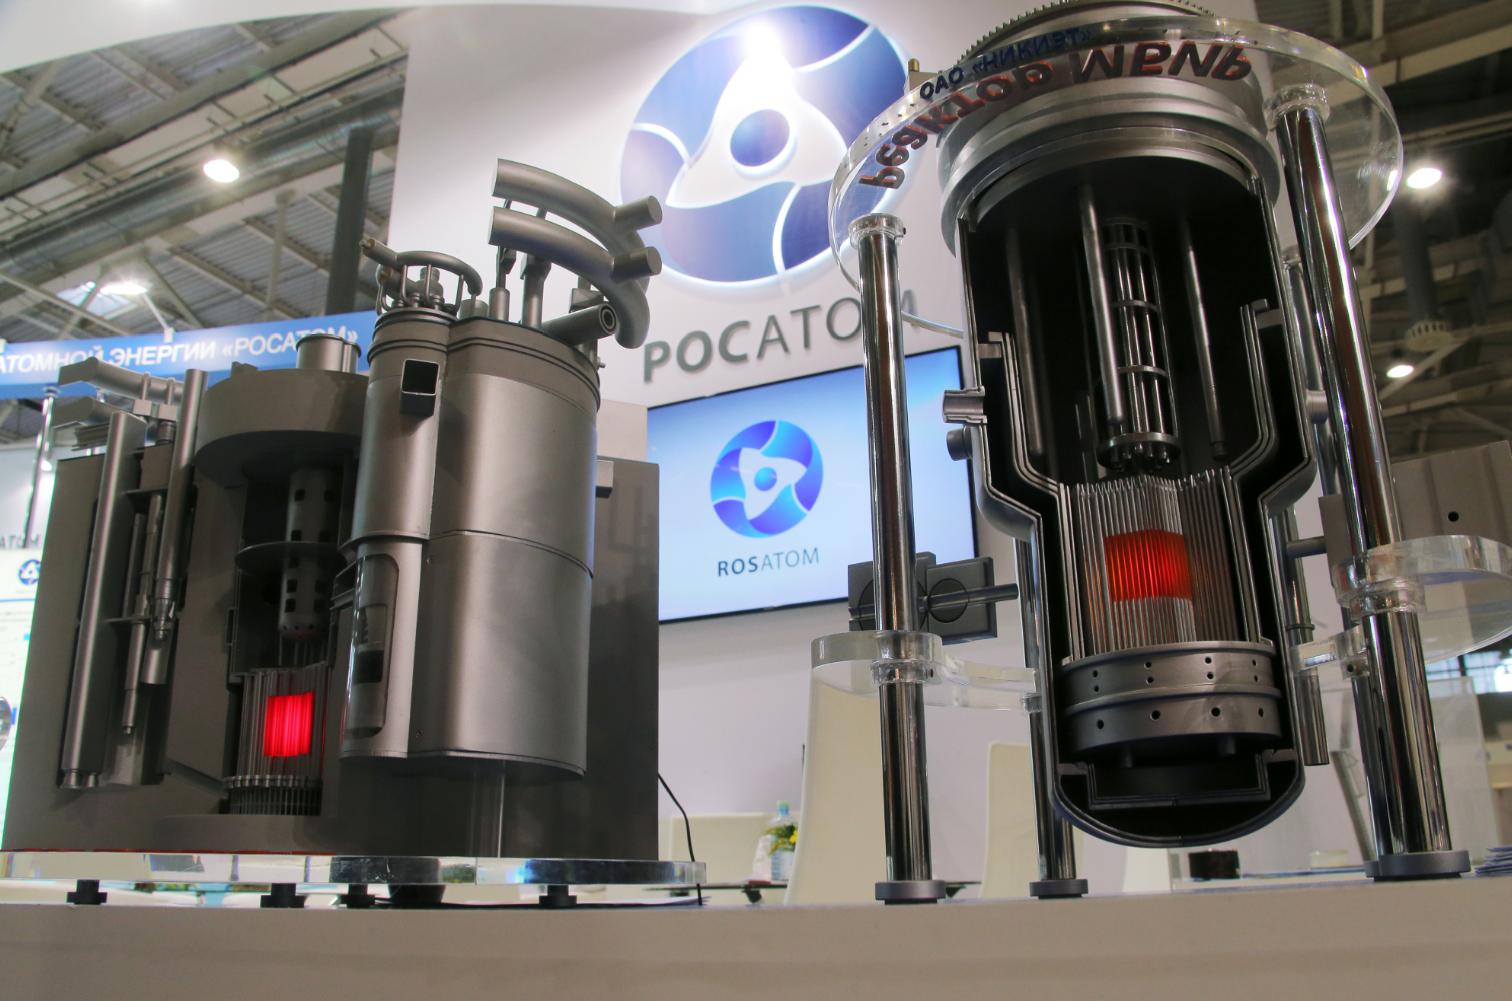 Rosatom Siap Bangun Pusat Penelitian Nuklir di Kalimantan Timur